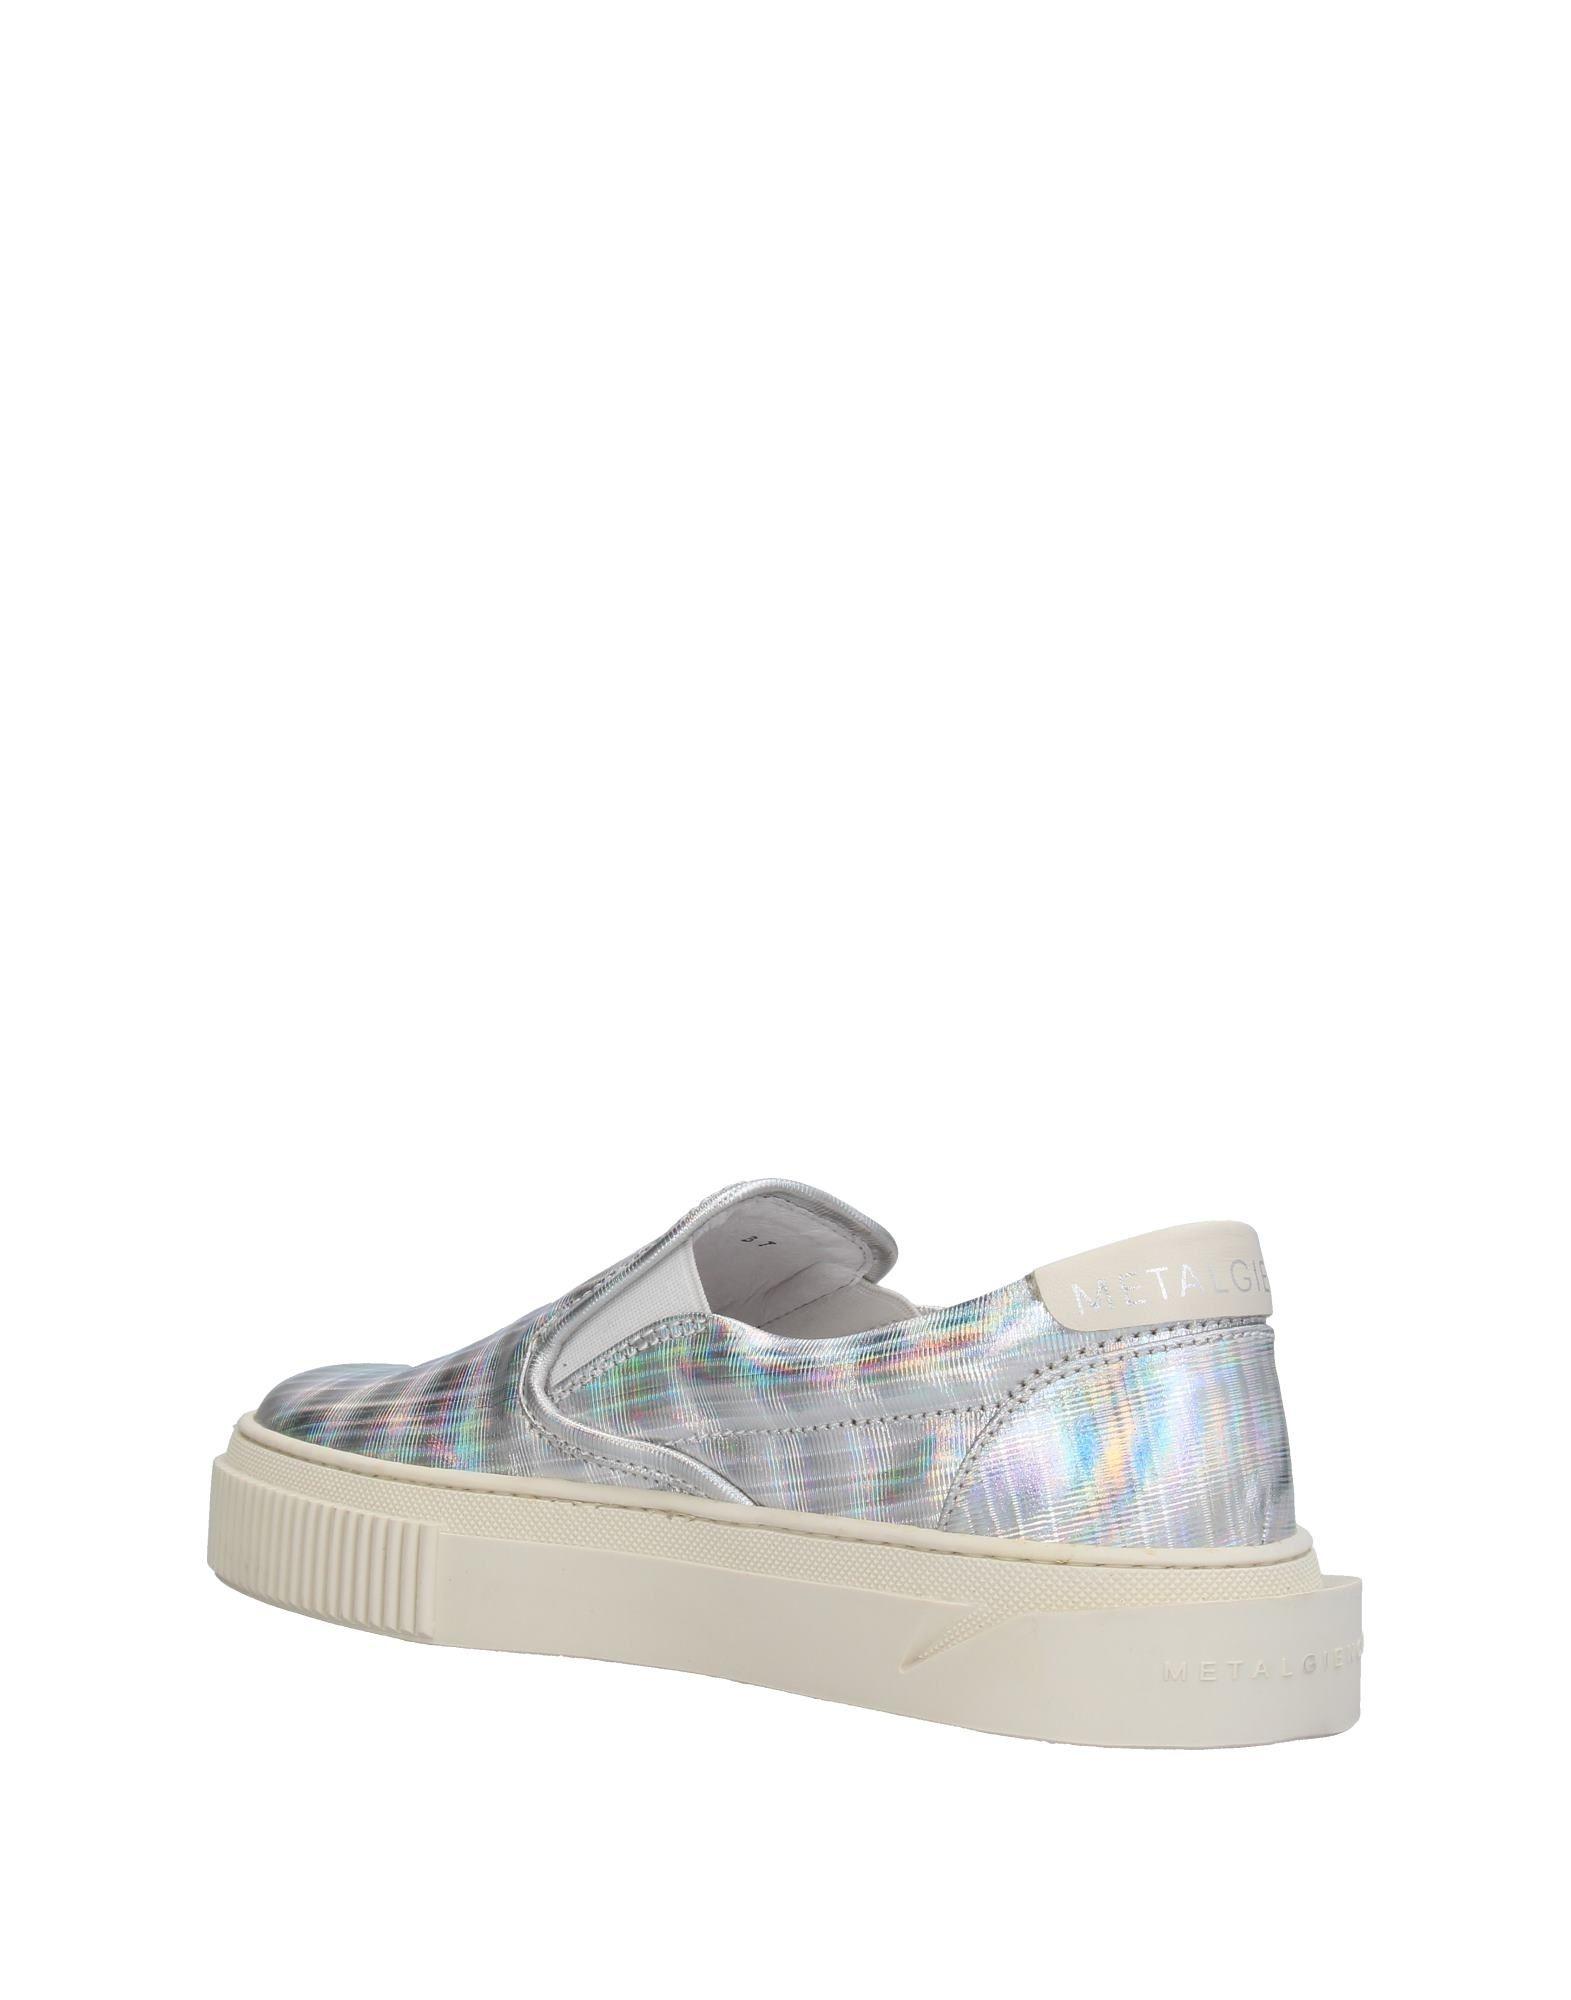 Metalgienchi Metalgienchi Metalgienchi Sneakers Damen  11365633FC Gute Qualität beliebte Schuhe 133a04